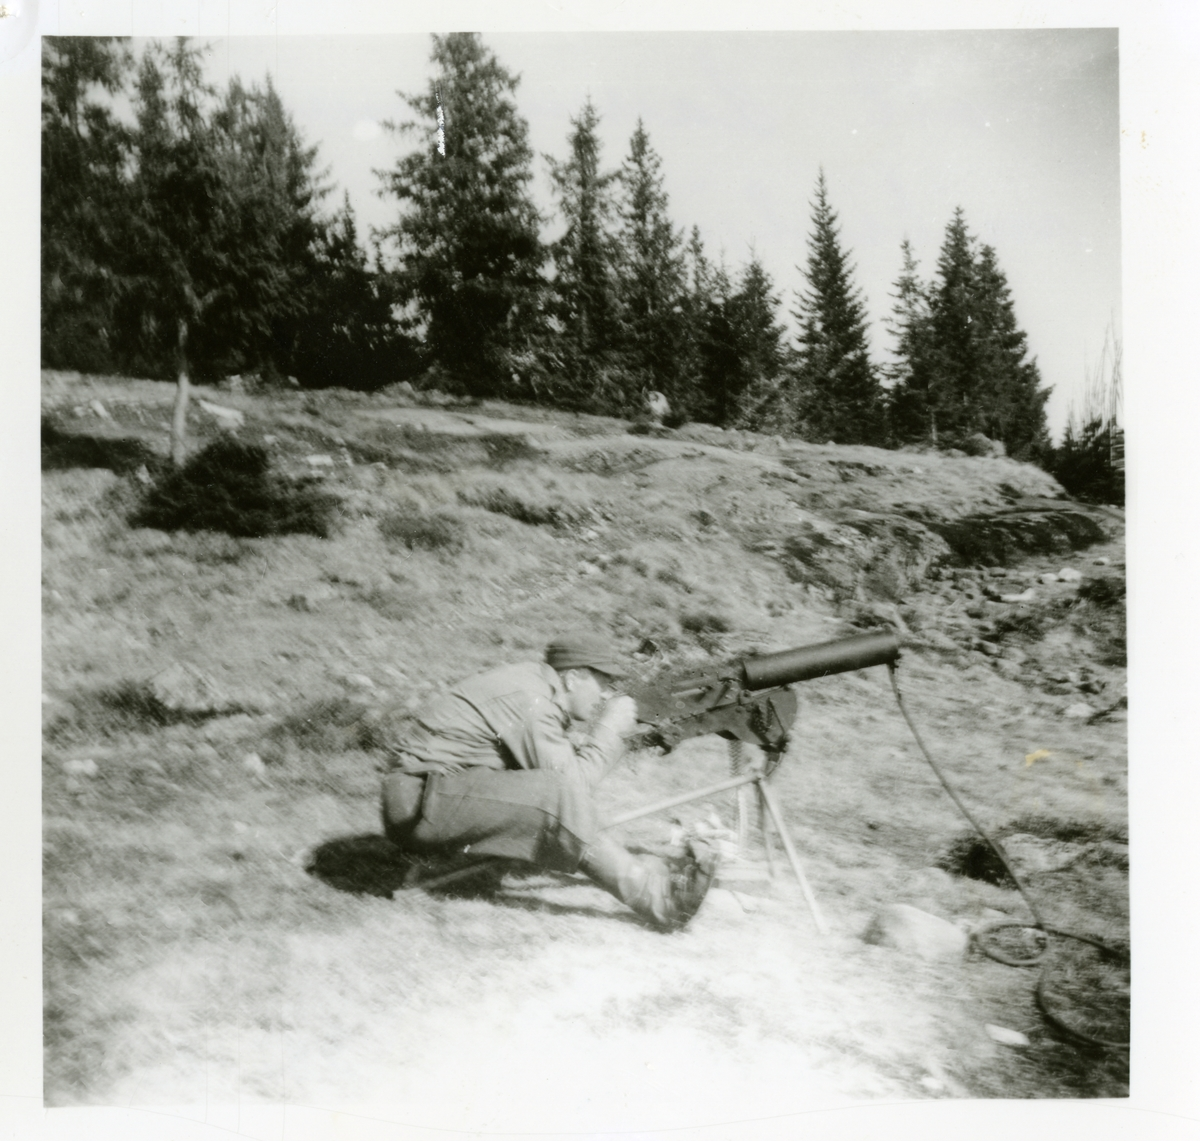 Bjarne Holst Larsen i Hjemmefronten ved ei mitraljøse, foten er laga av Sigurd Berger, av vannpostrør. HS-kurs i Reinsjødalen, Nysetra i 1944.